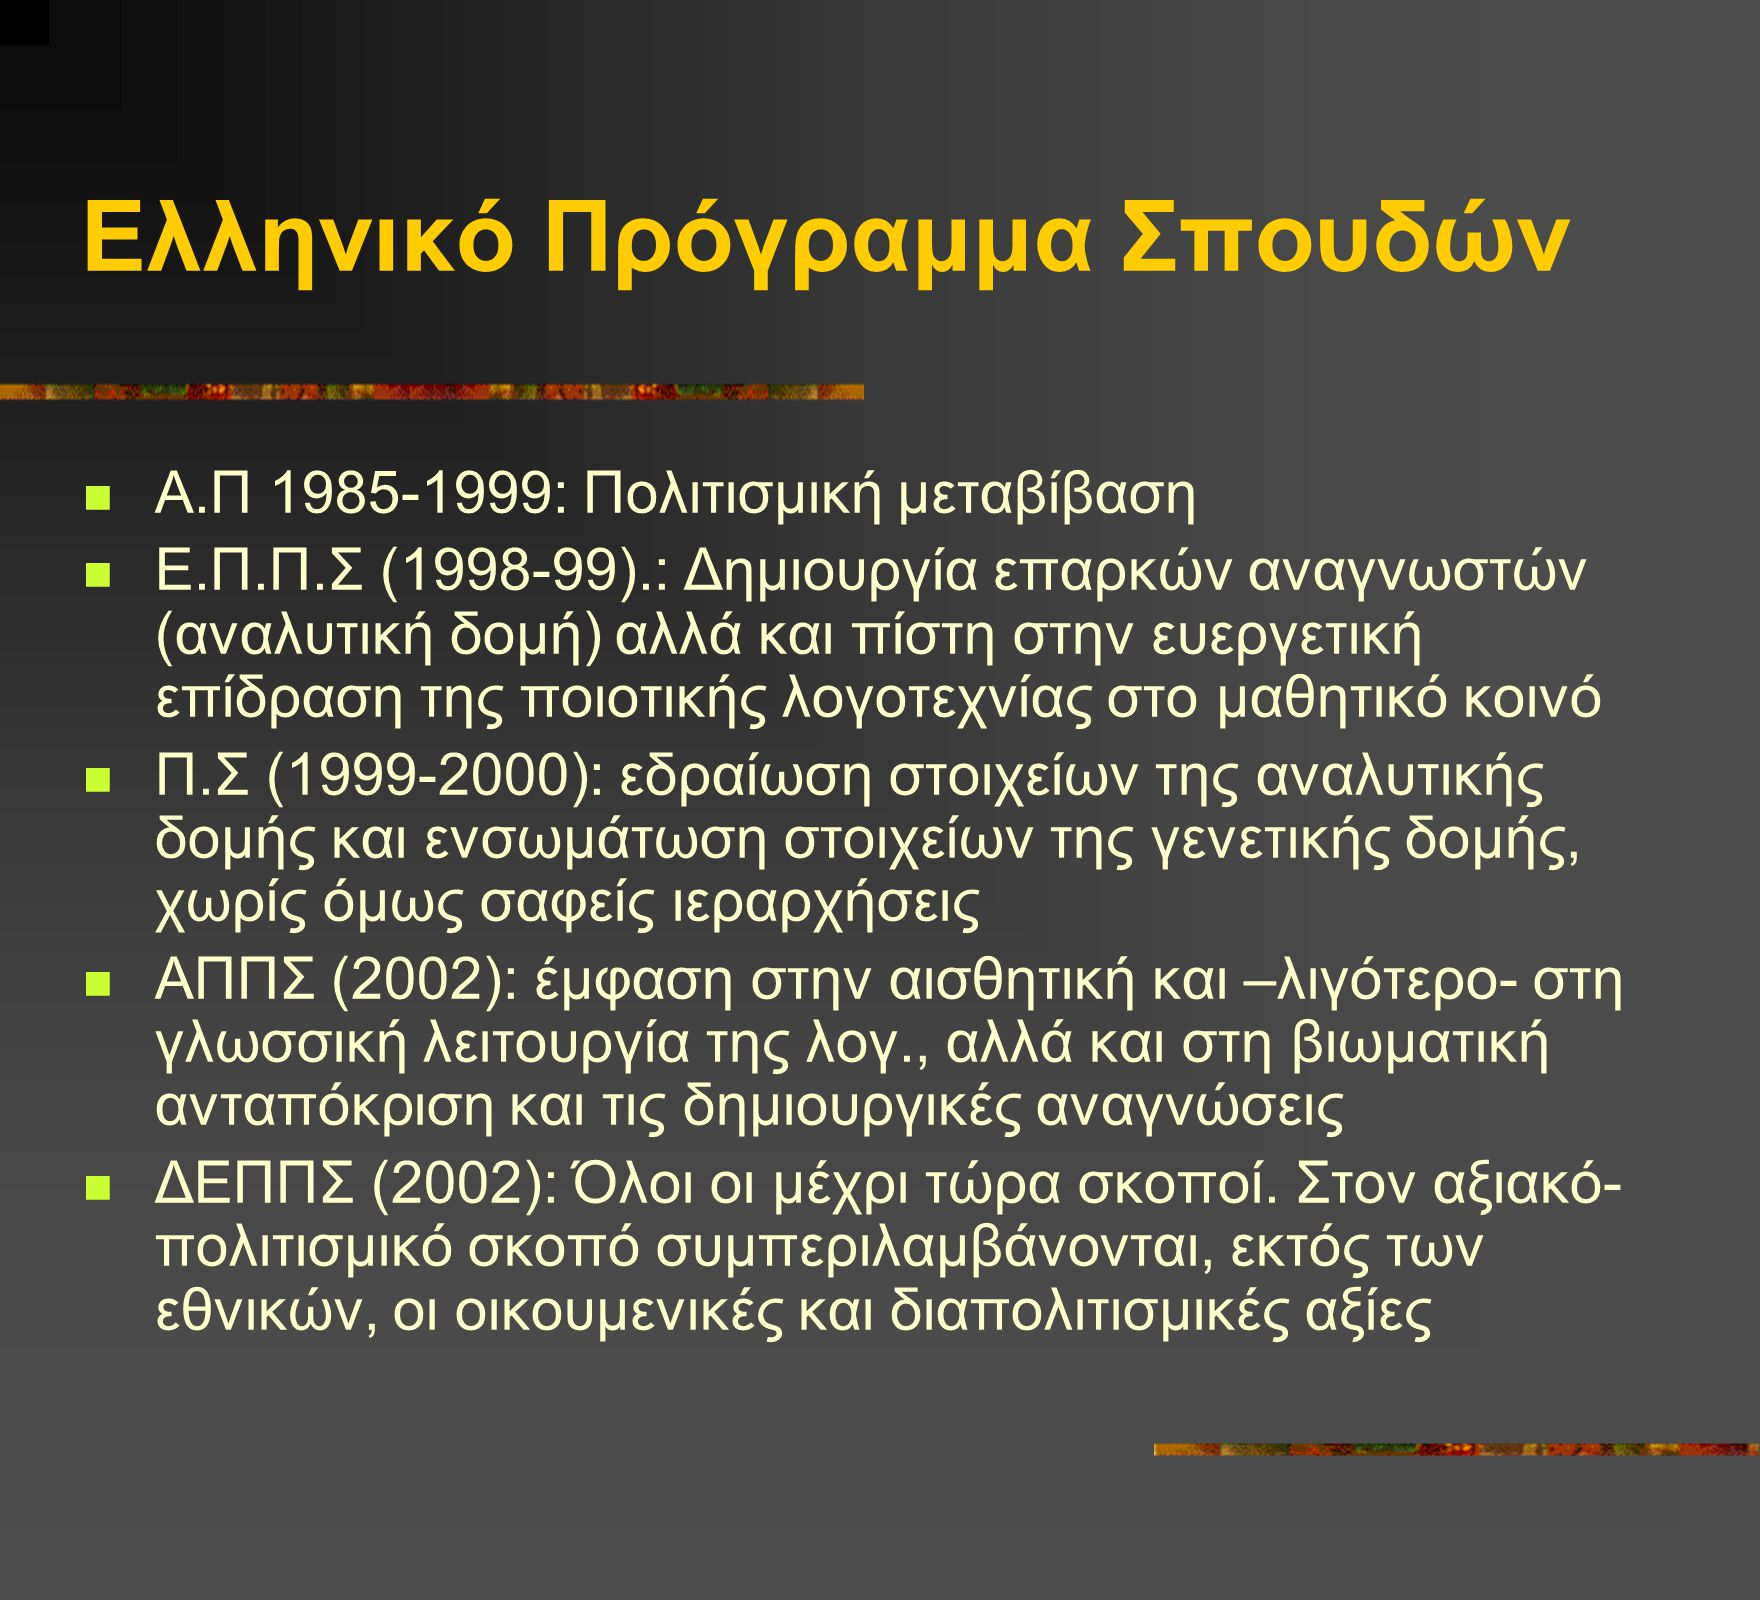 Ελληνικό Πρόγραμμα Σπουδών Α.Π 1985-1999: Πολιτισμική μεταβίβαση Ε.Π.Π.Σ (1998-99).: Δημιουργία επαρκών αναγνωστών (αναλυτική δομή) αλλά και πίστη στη